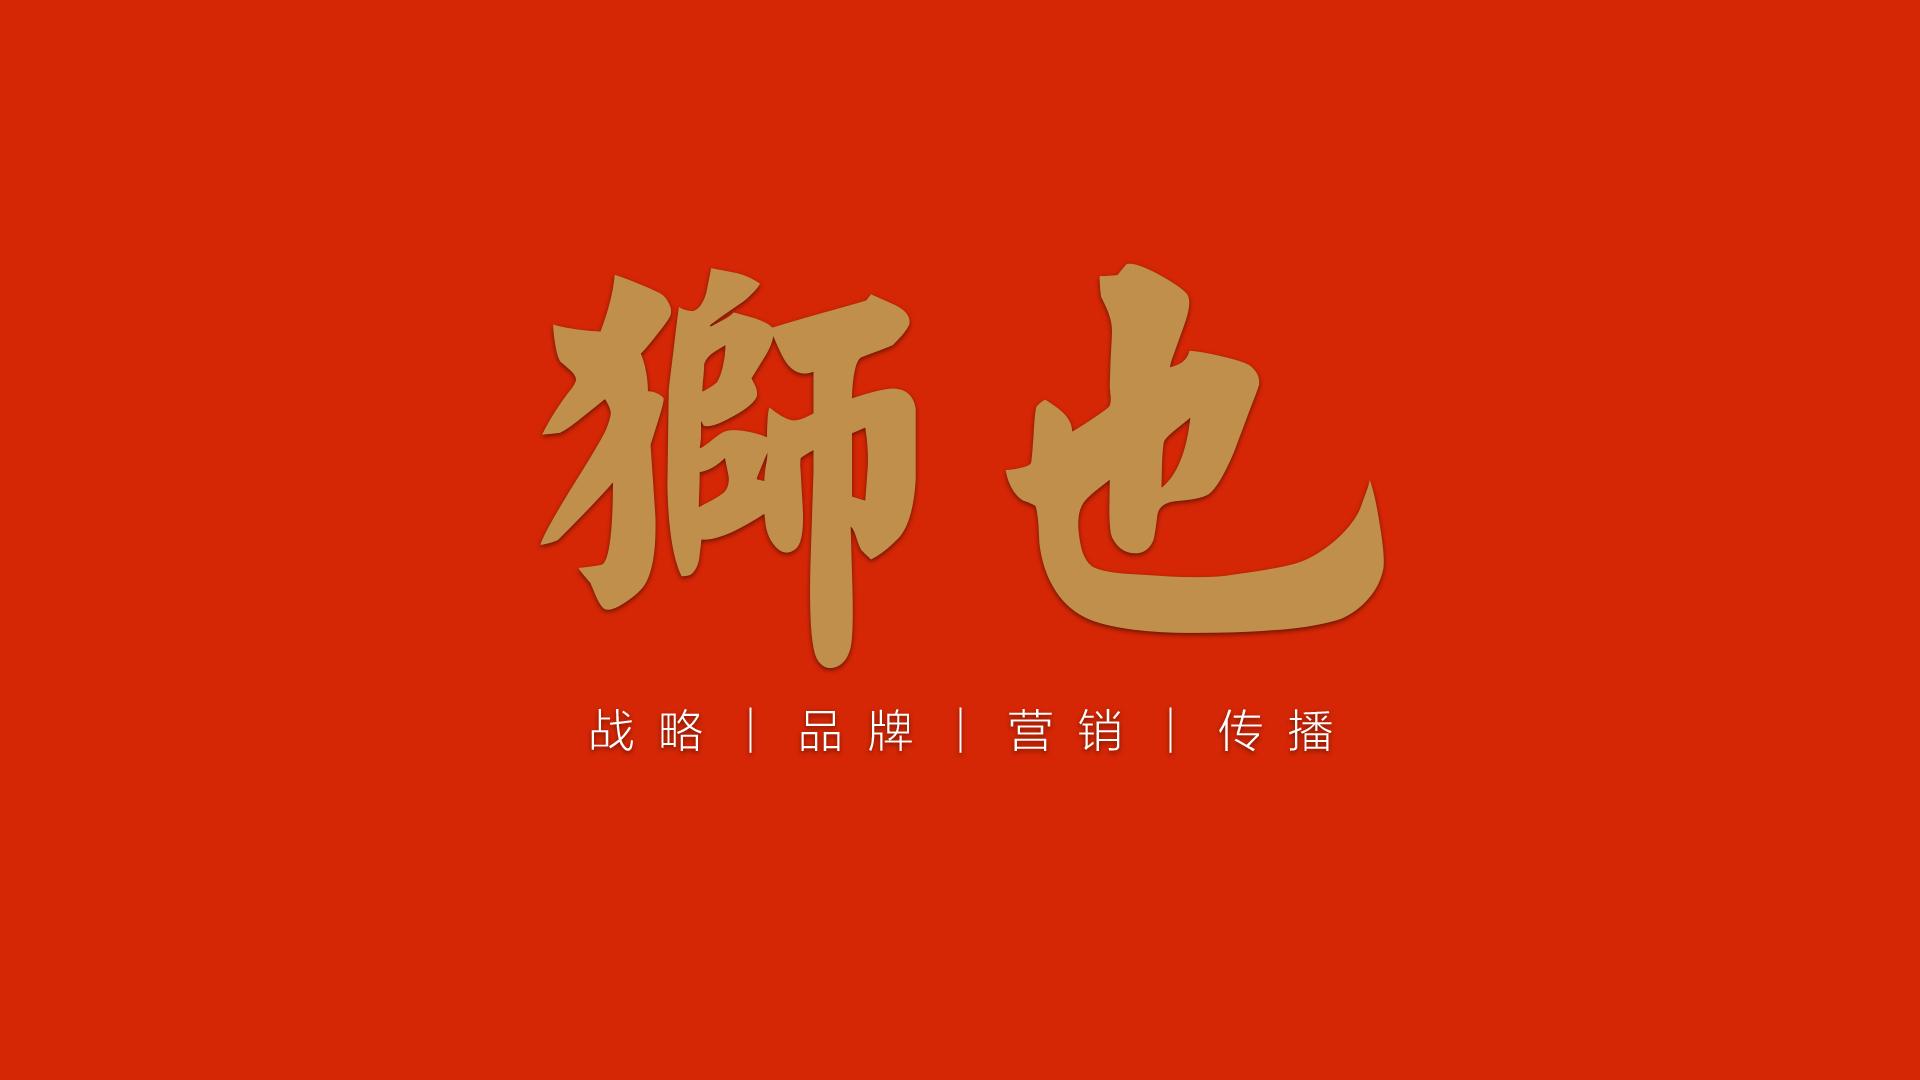 上海营销策划公司—细说新品如何以战养战启动全国市场